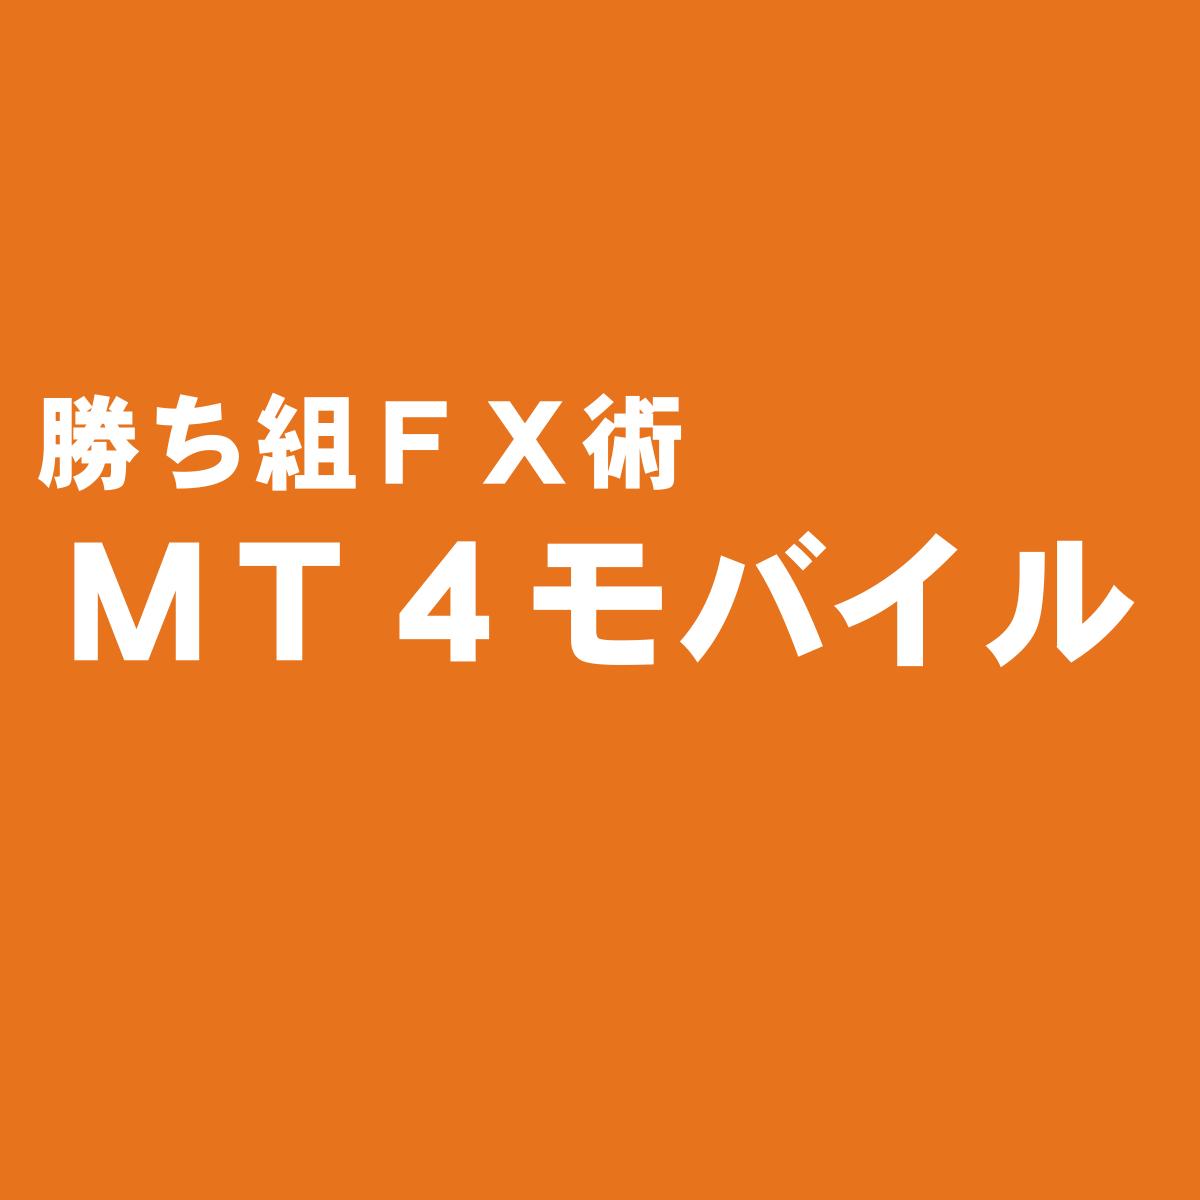 MT4モバイル